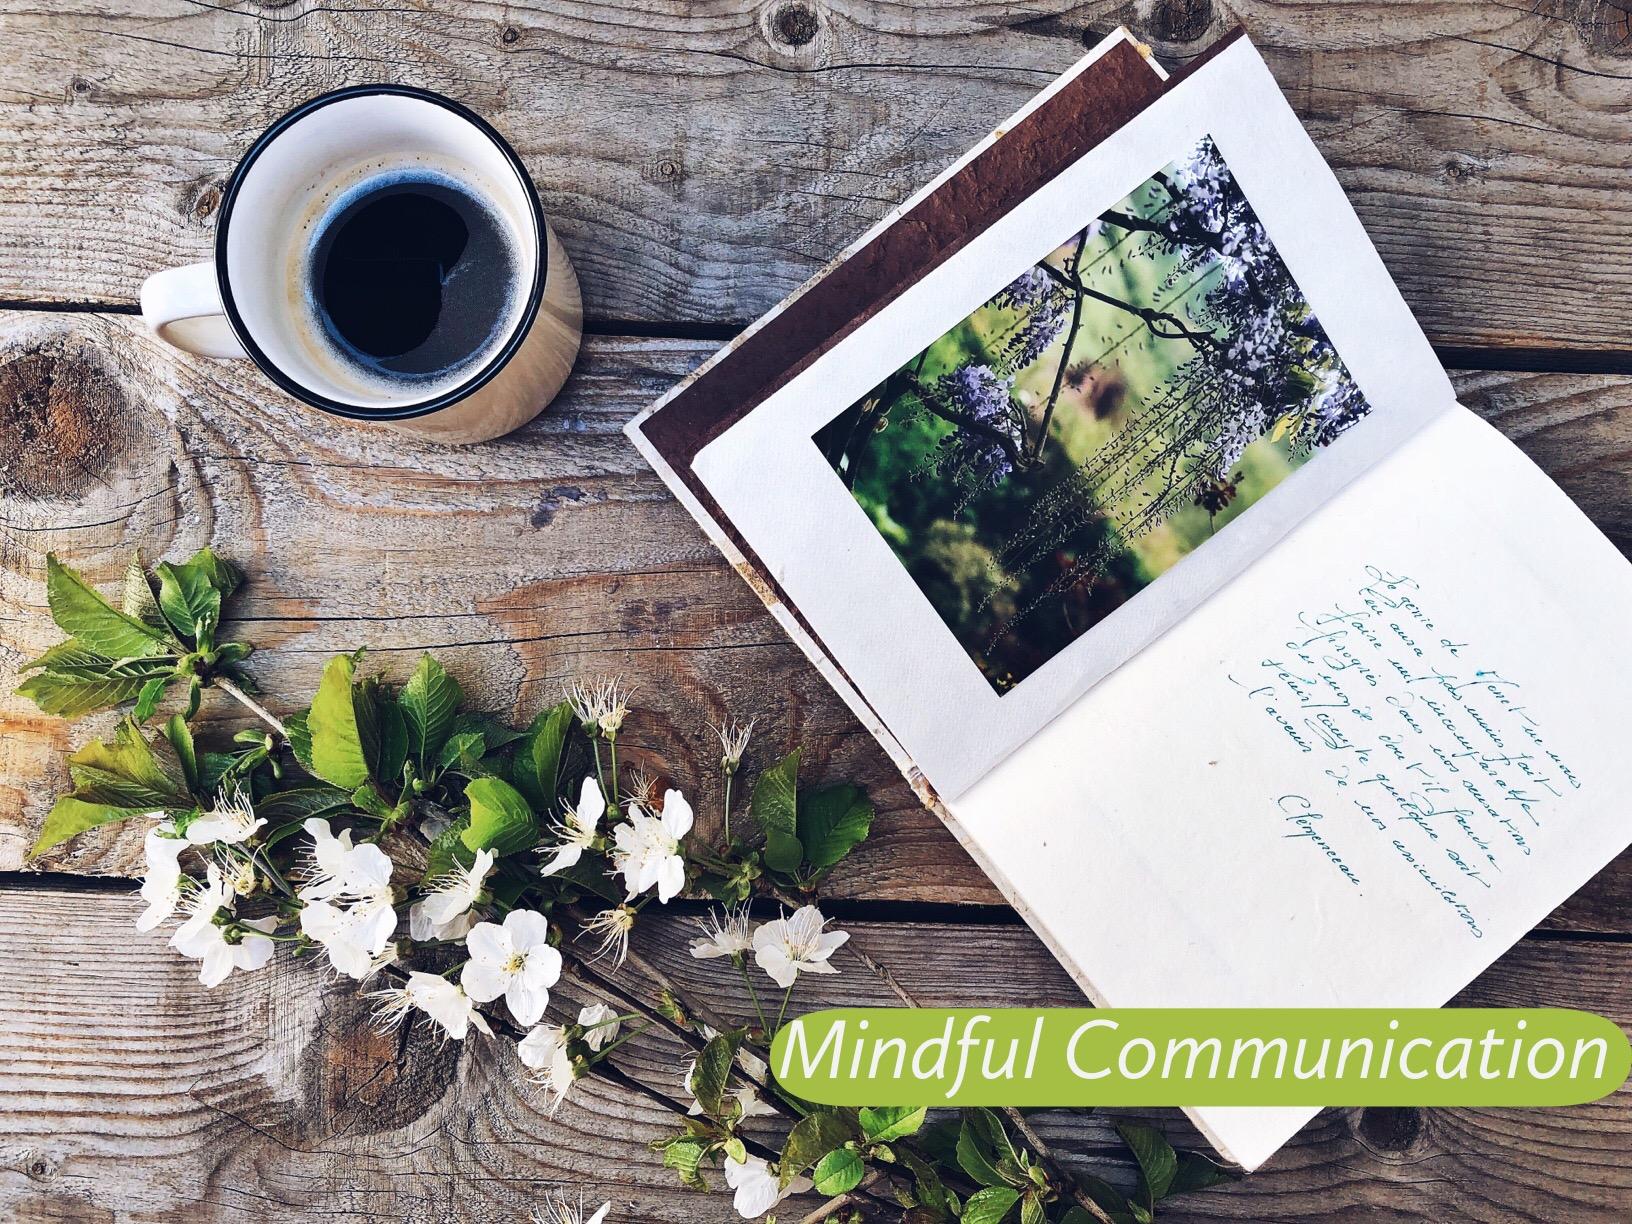 Mindful Communication - NewsLetter e Servizi di Comunicazione di Tatiana Berlaffa - tatianaberlaffa.com